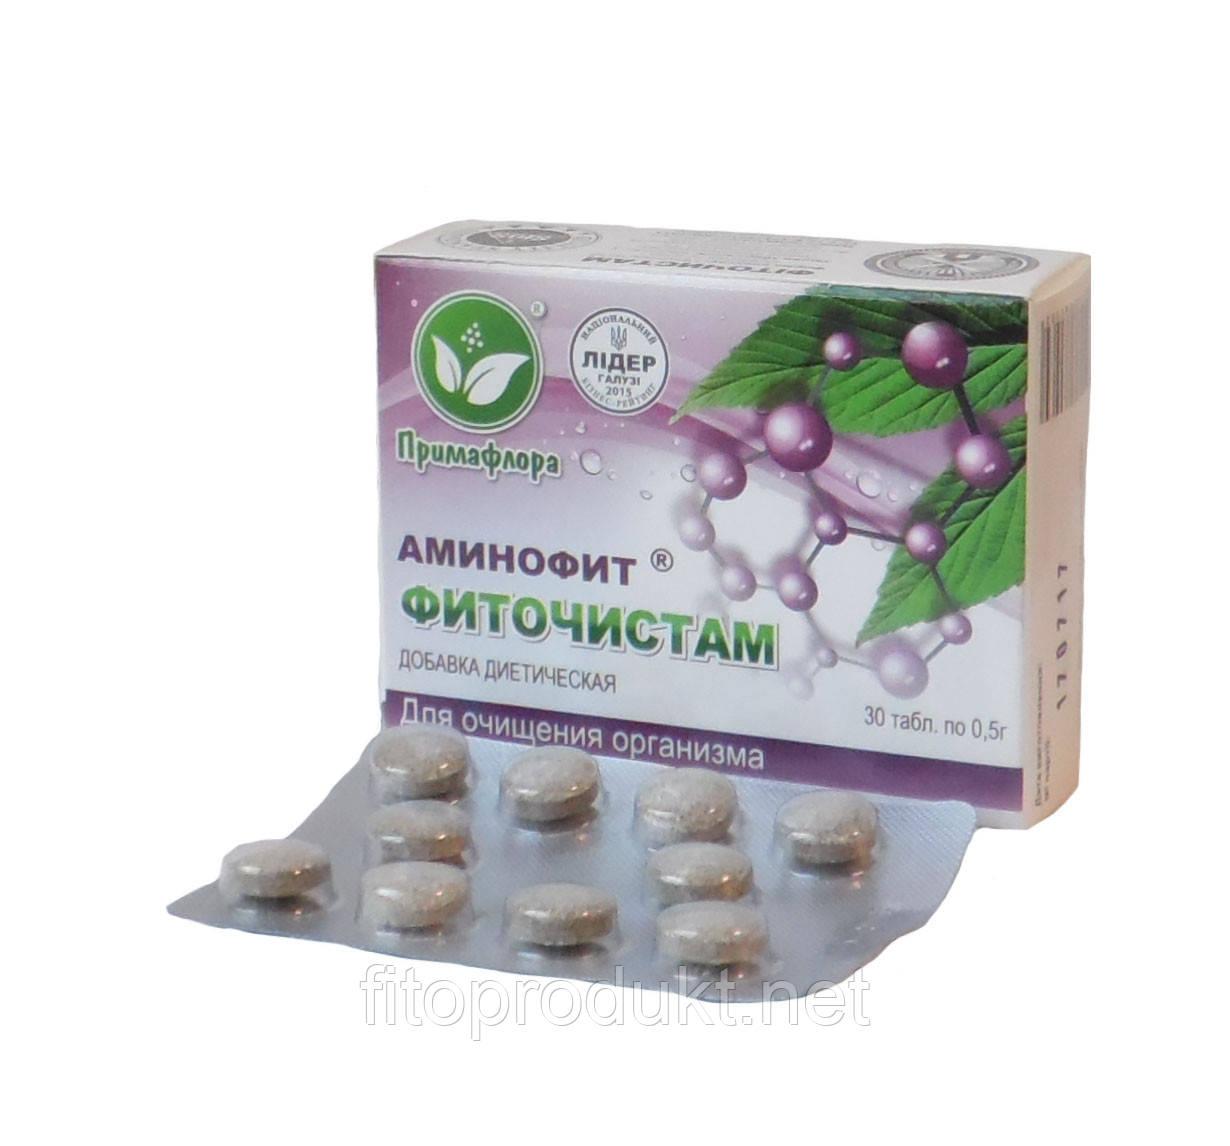 БАД «ФИТОЧИСТАМ» - аминофит для очищения организма №30